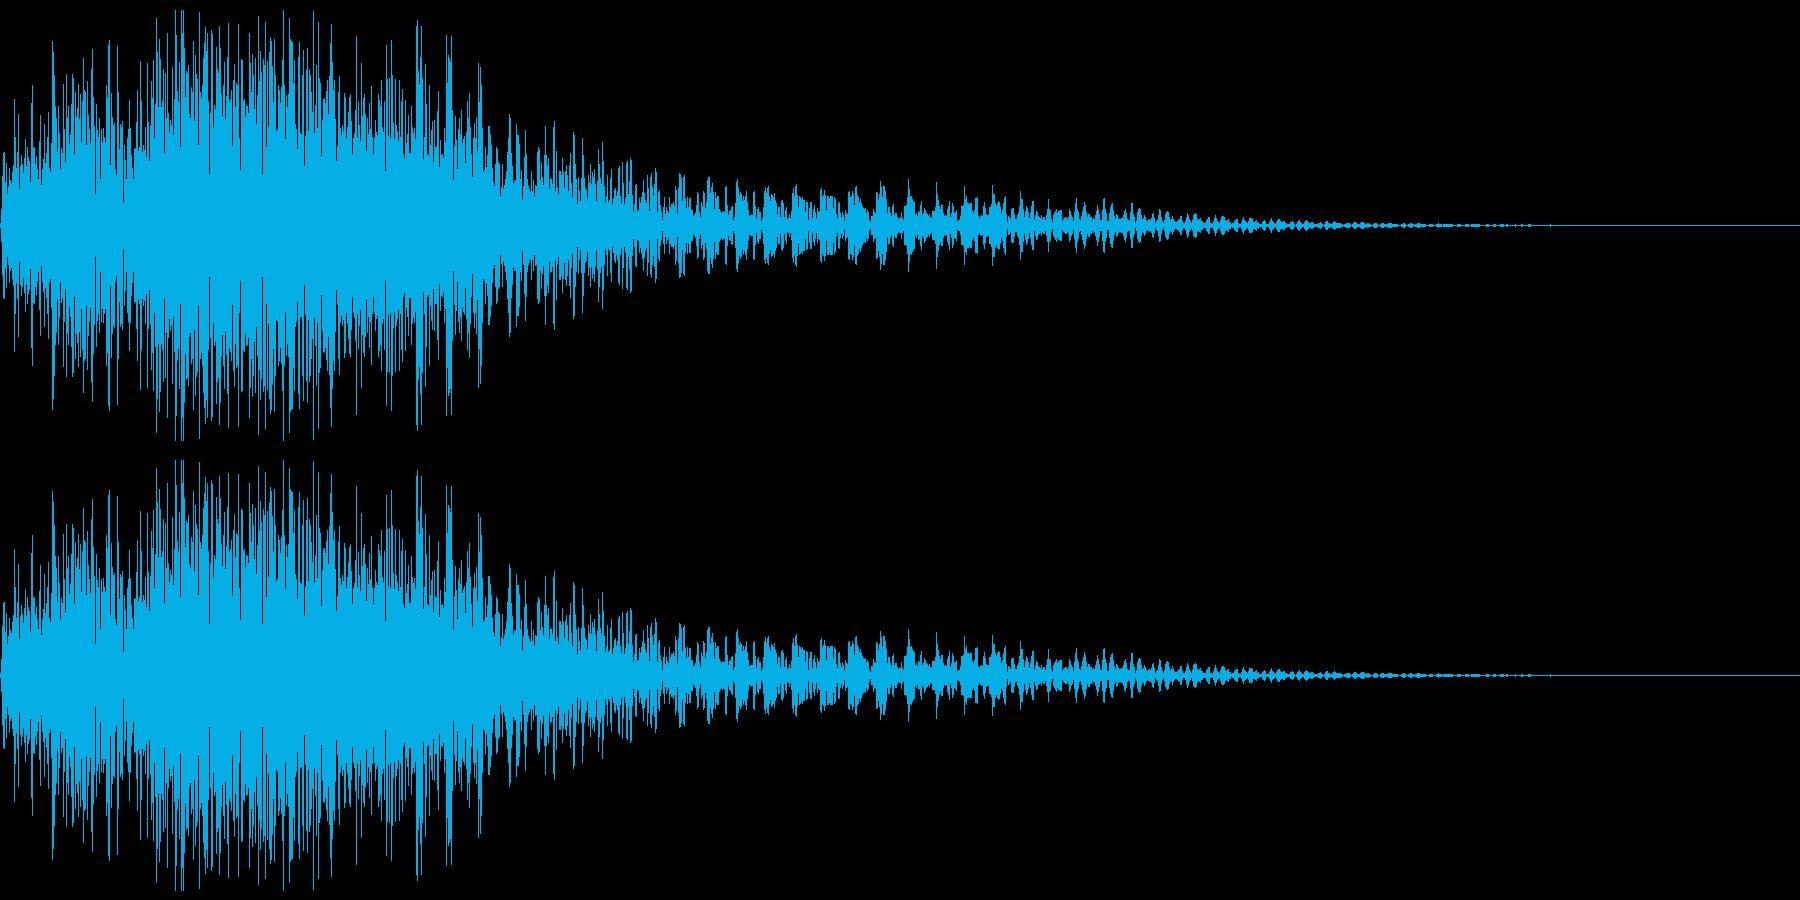 衝撃音(ゴギャーン)の再生済みの波形